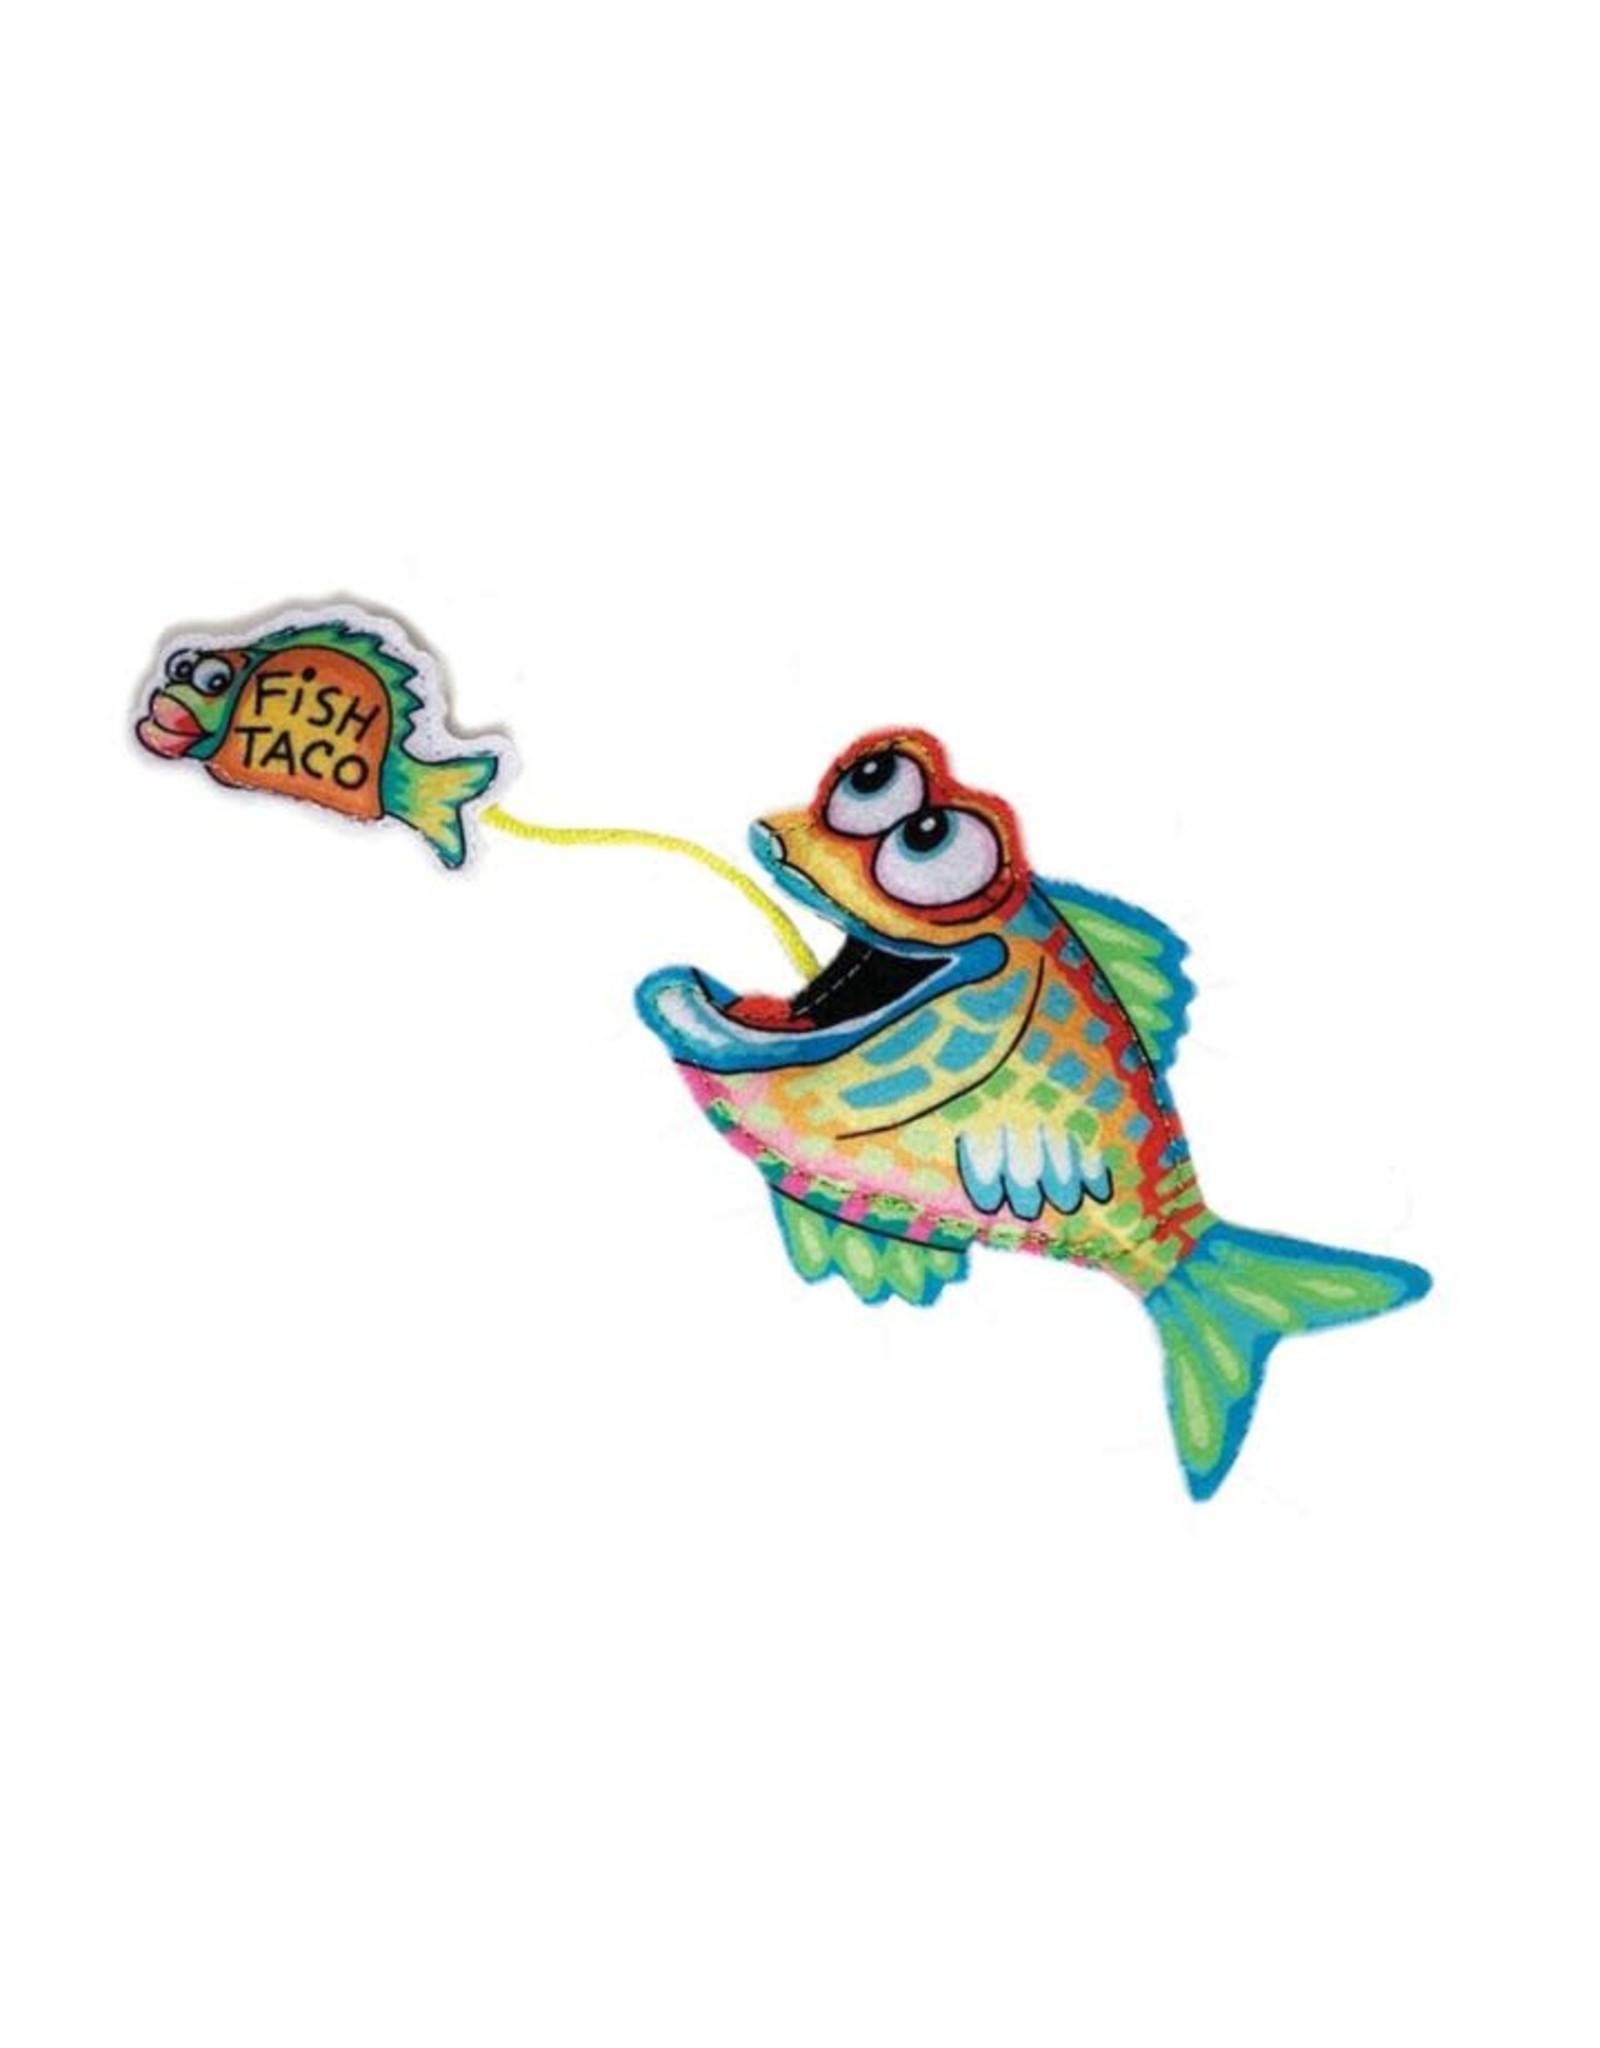 FUZZU FUZZU - Cat Toy - Fast Food Fish